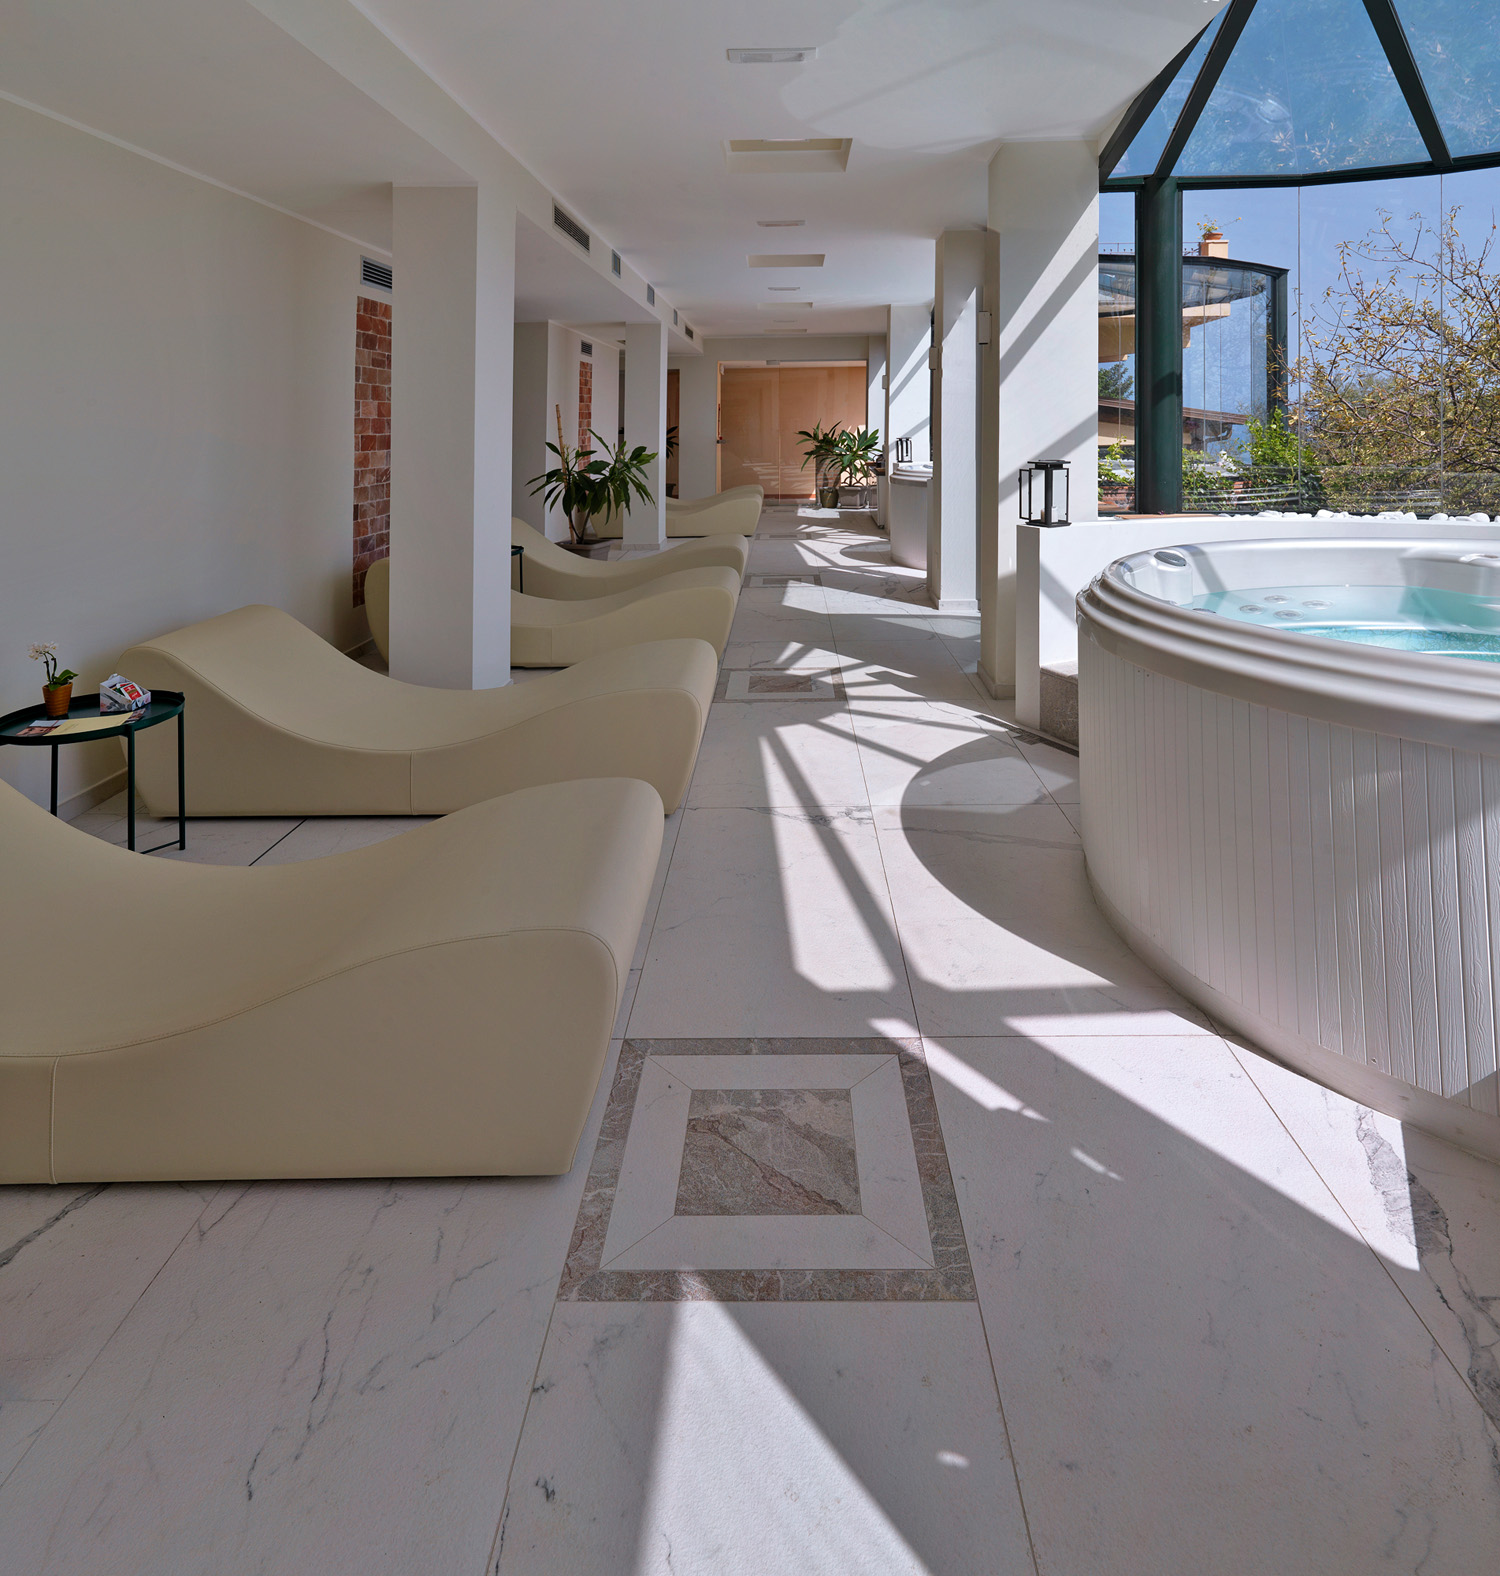 © Daniele Domenicali, courtesy Marazzi Spa del Grand Hotel San Pietro, Taormina, Messina. Superfici ceramiche: Allmarble di Marazzi